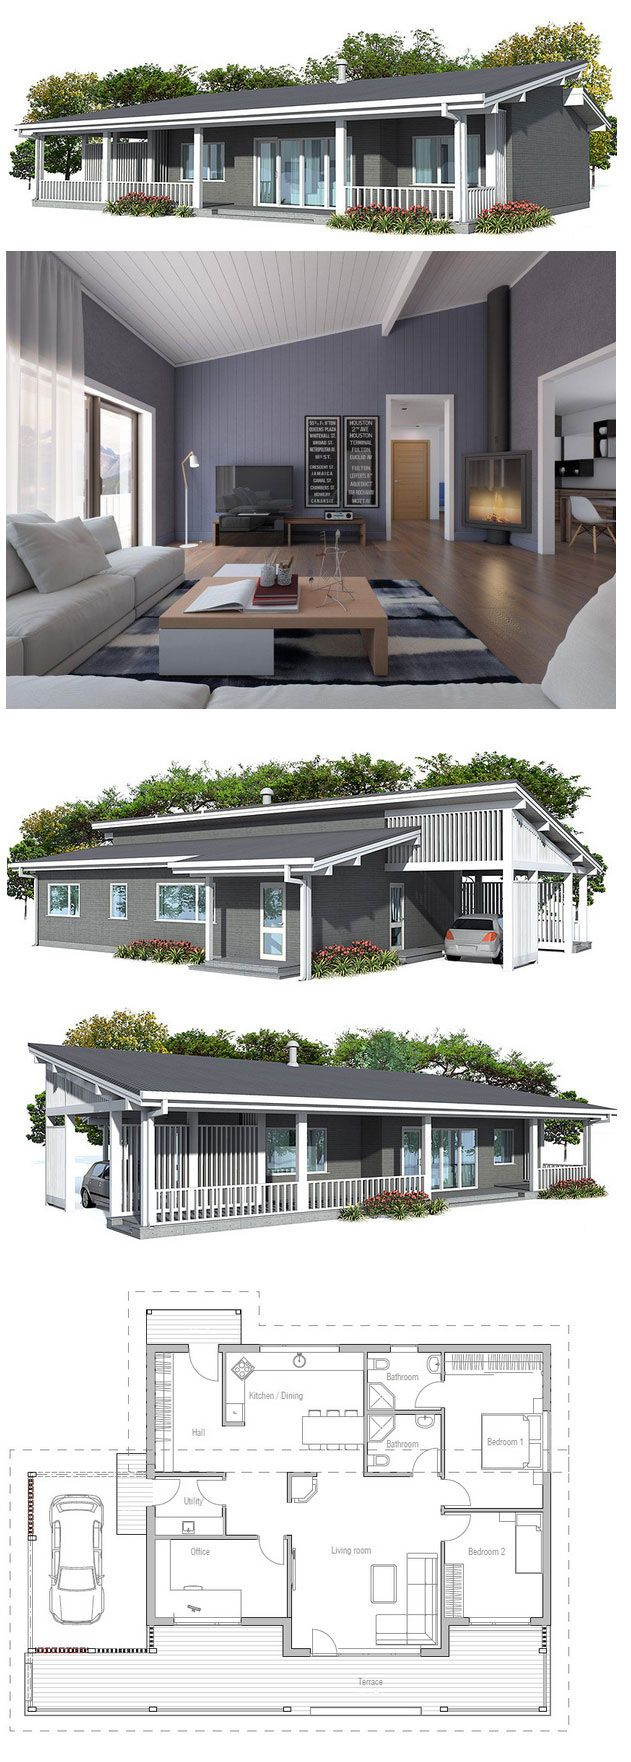 Plan de petite maison petites maisons pinterest for Plan de petite maison moderne